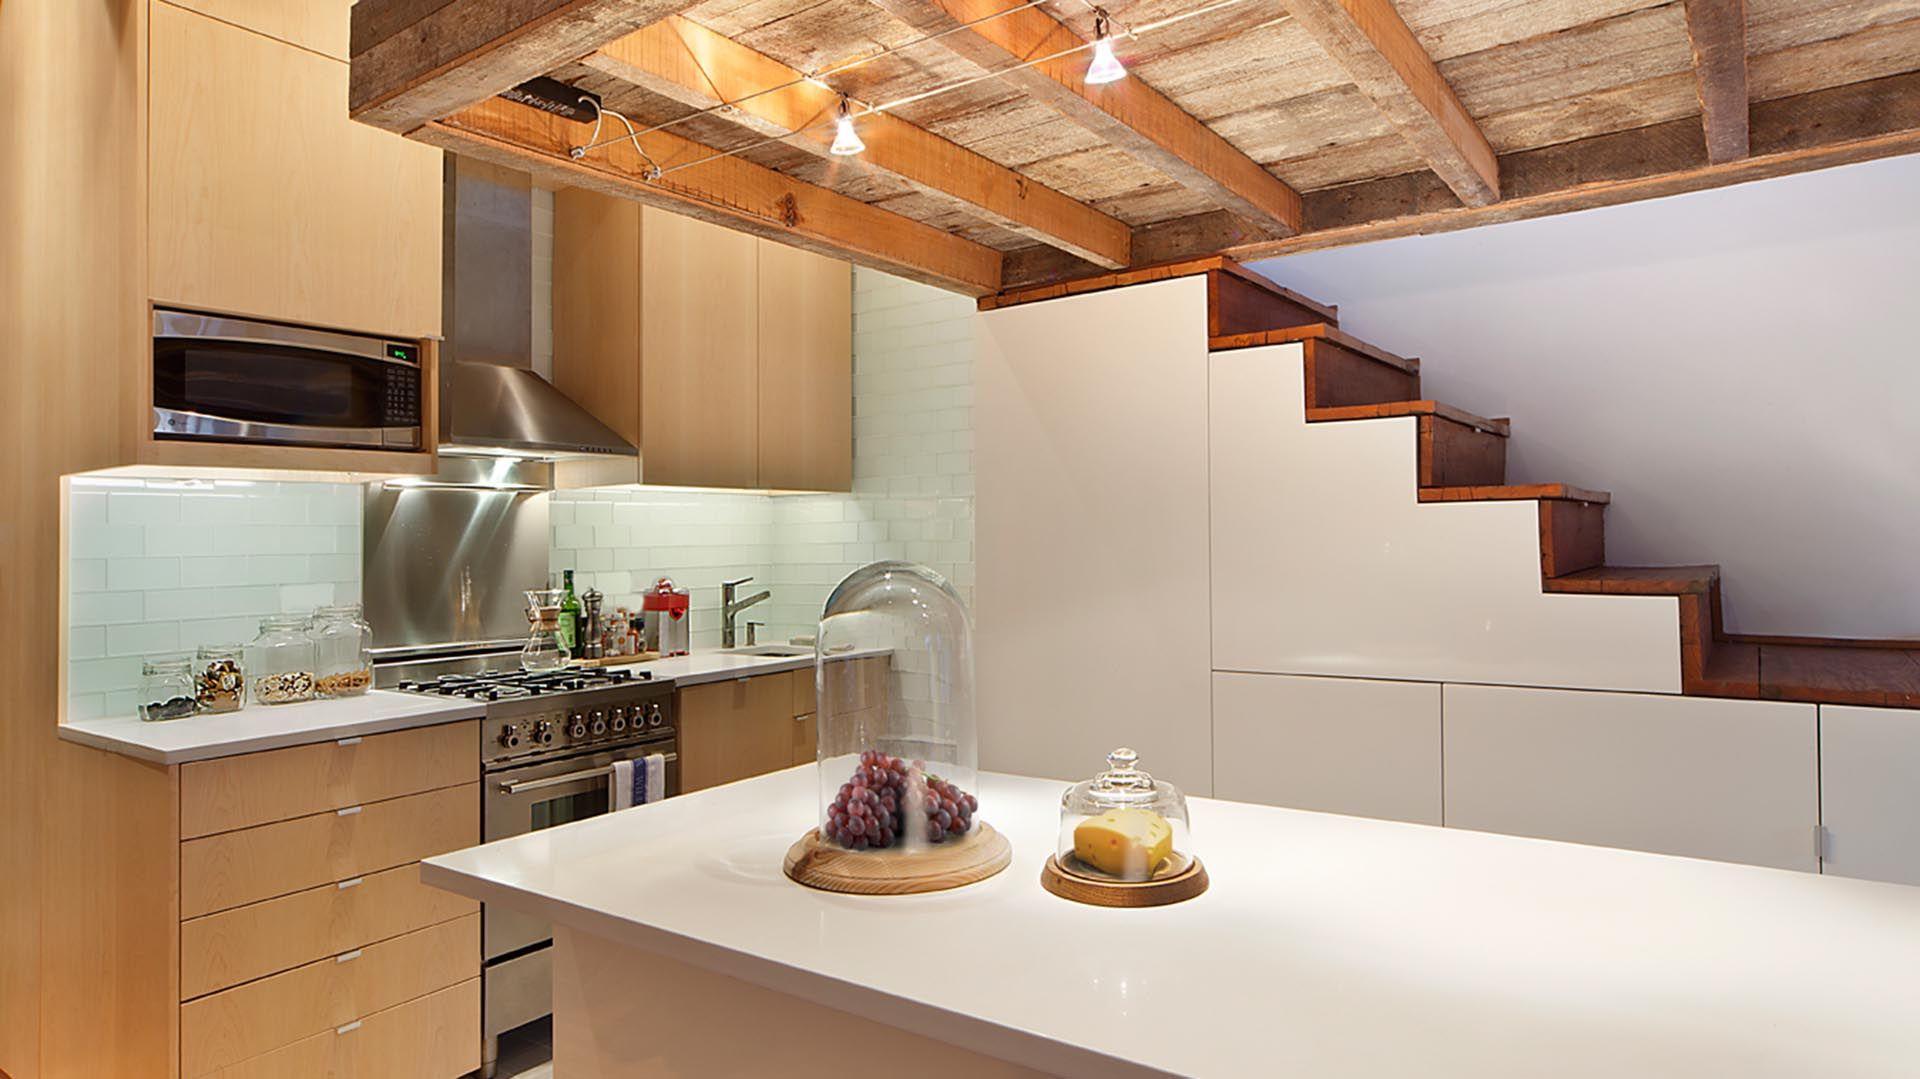 Großzügig Küchenschrank Hersteller Sydney Ideen - Ideen Für Die ...